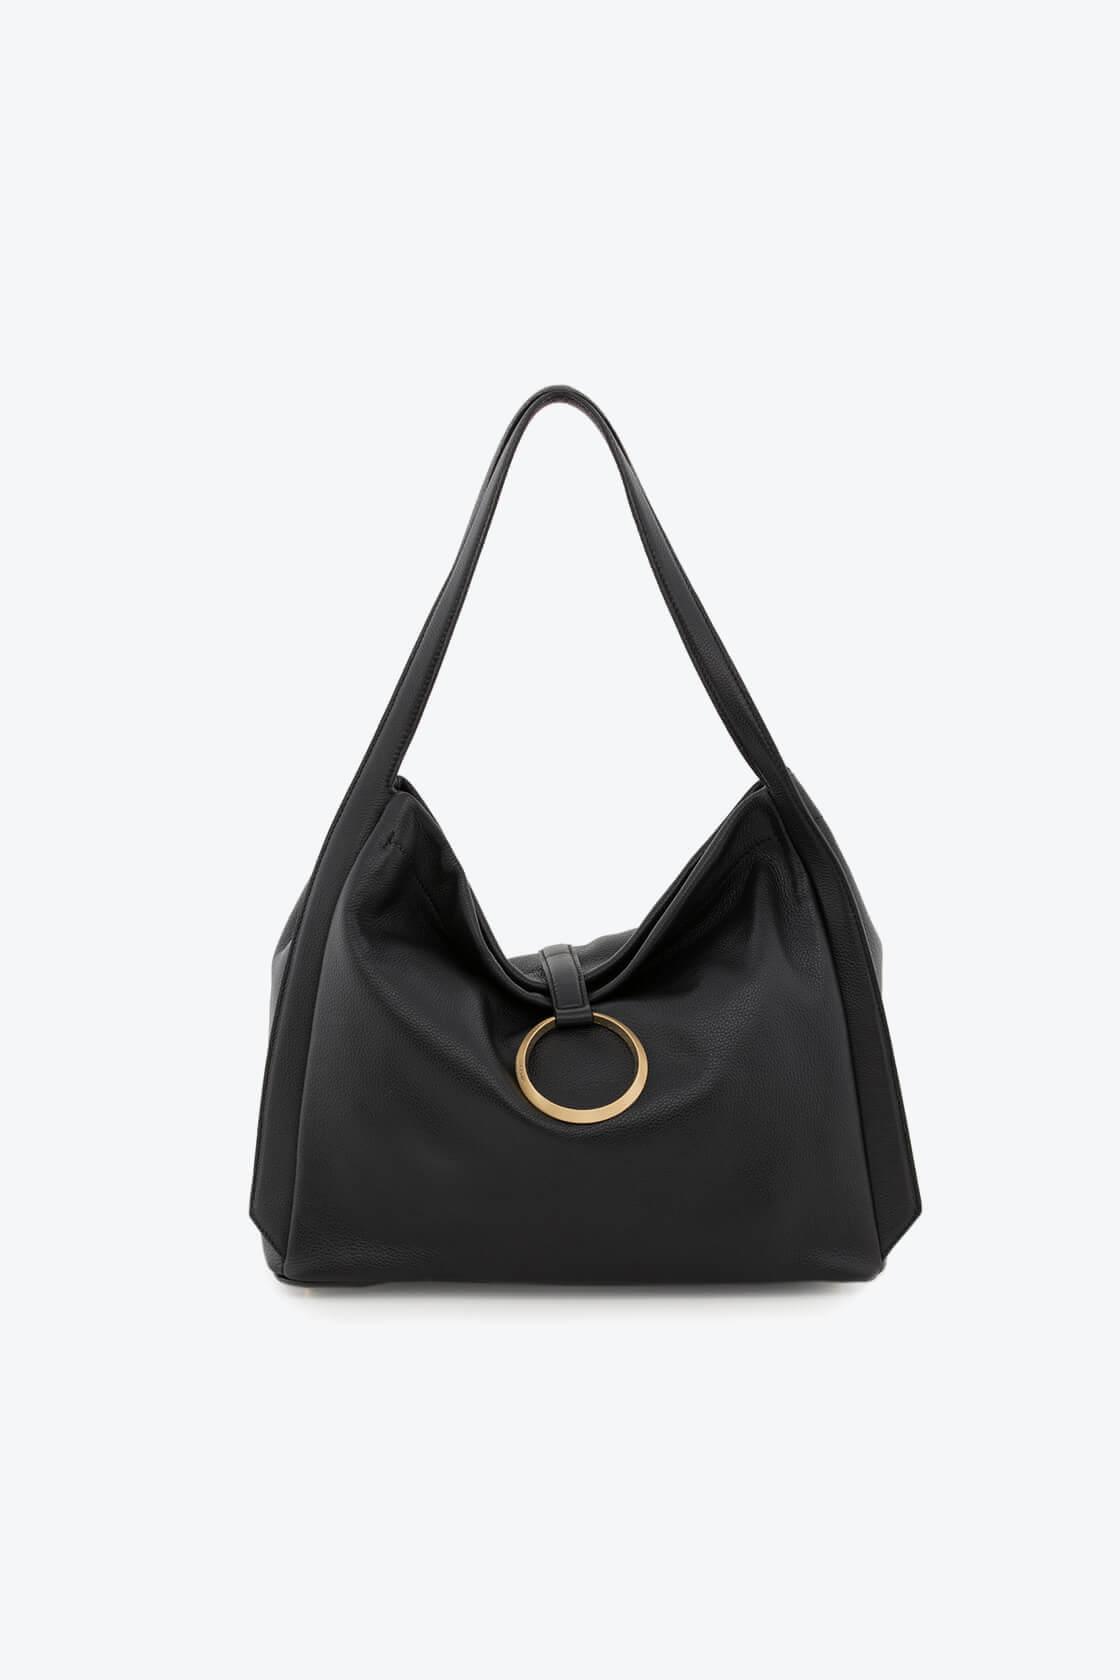 ol80000090 selena large shoulder bag 1